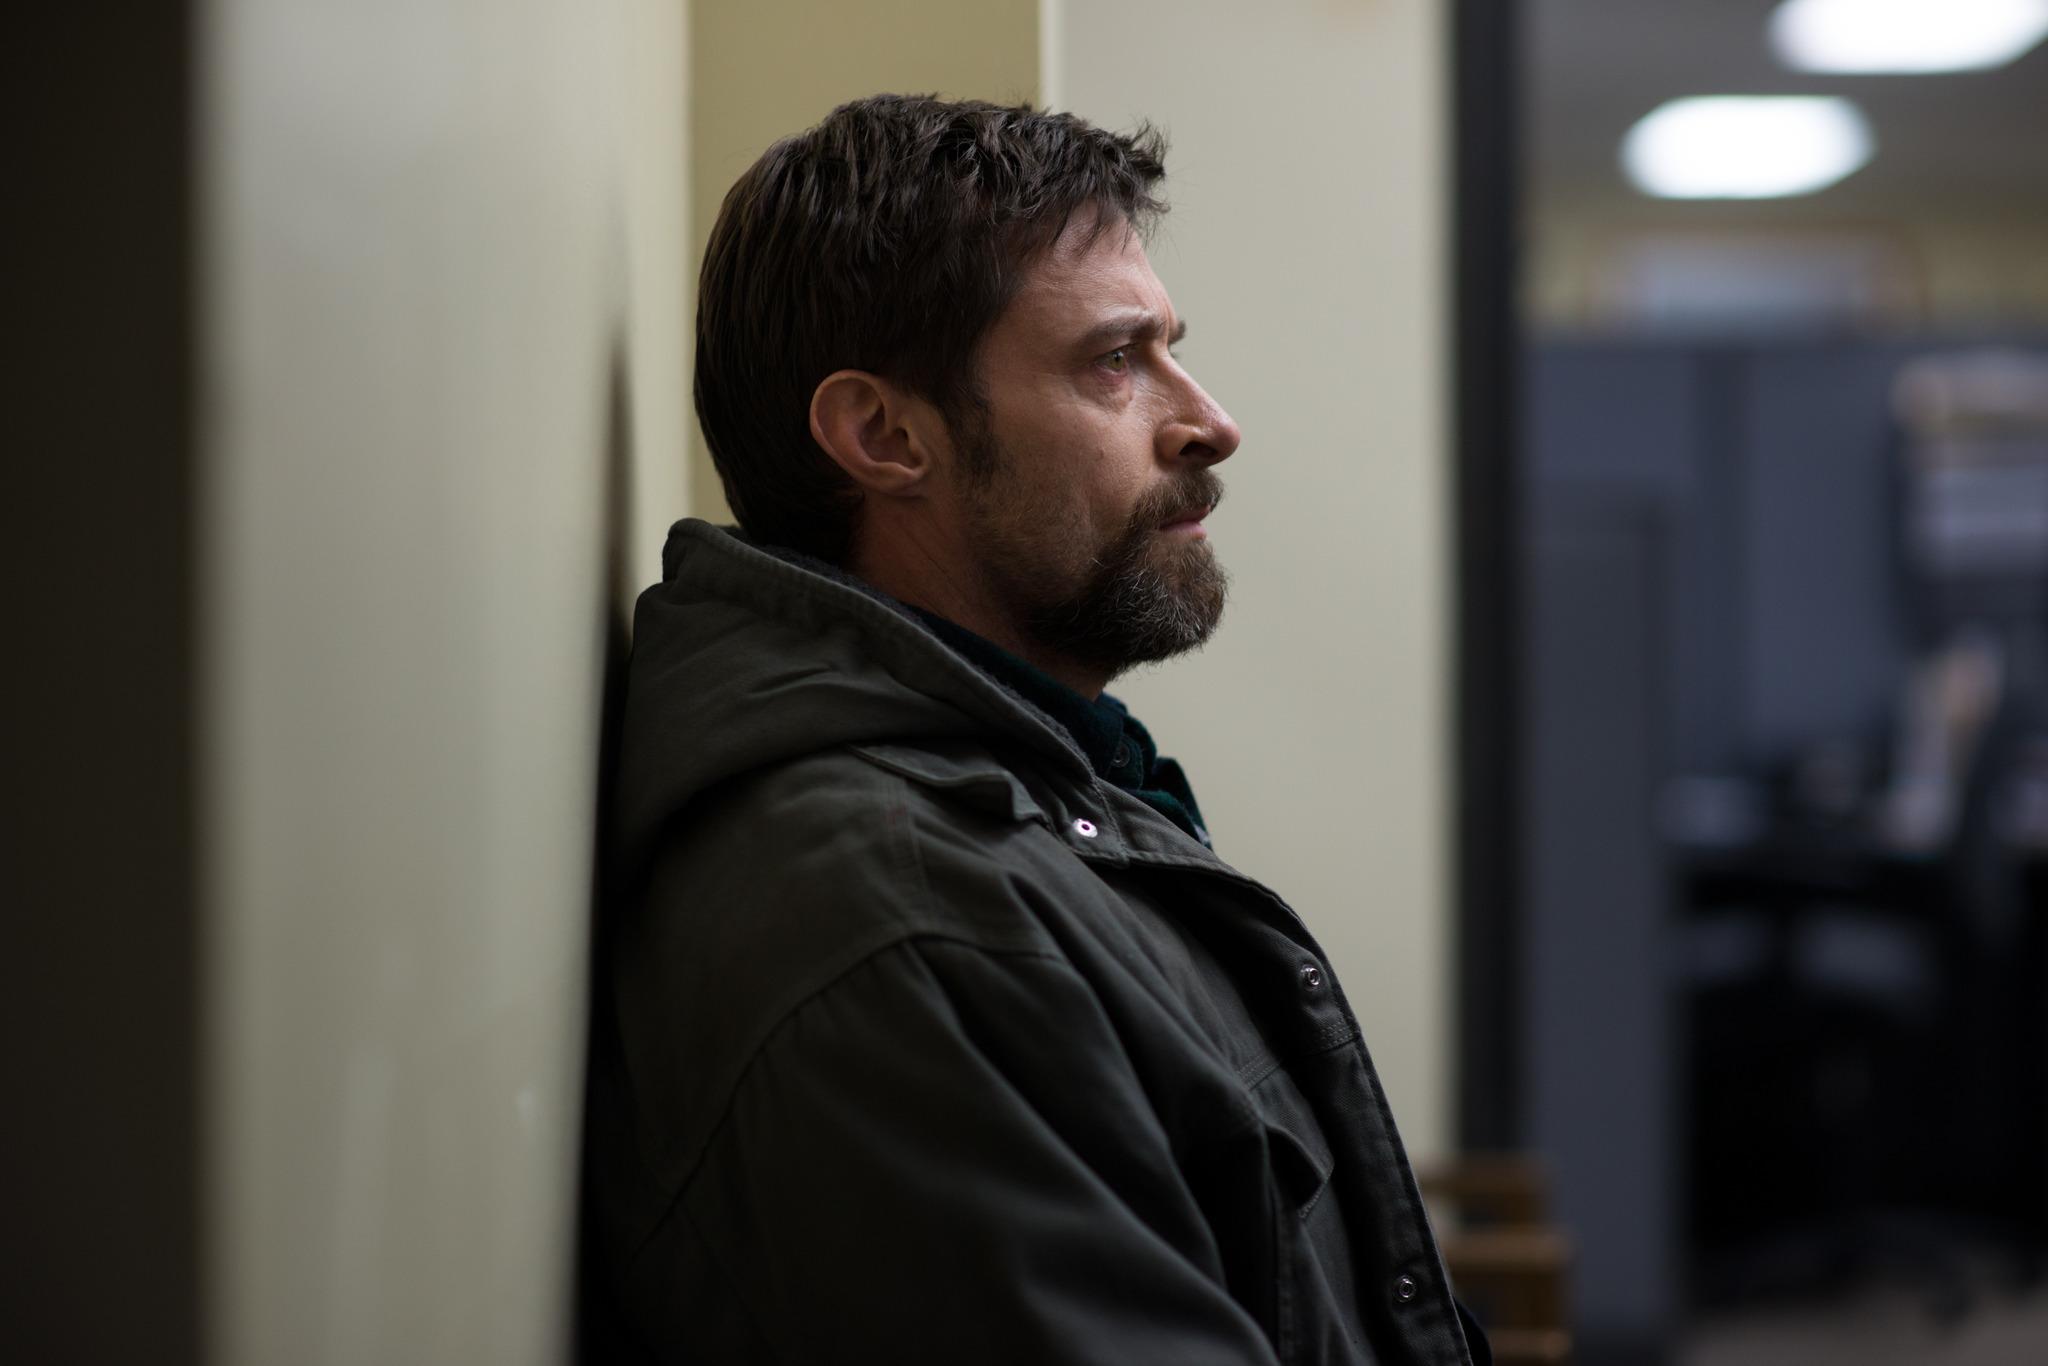 Hugh Jackman in Prisoners (2013)